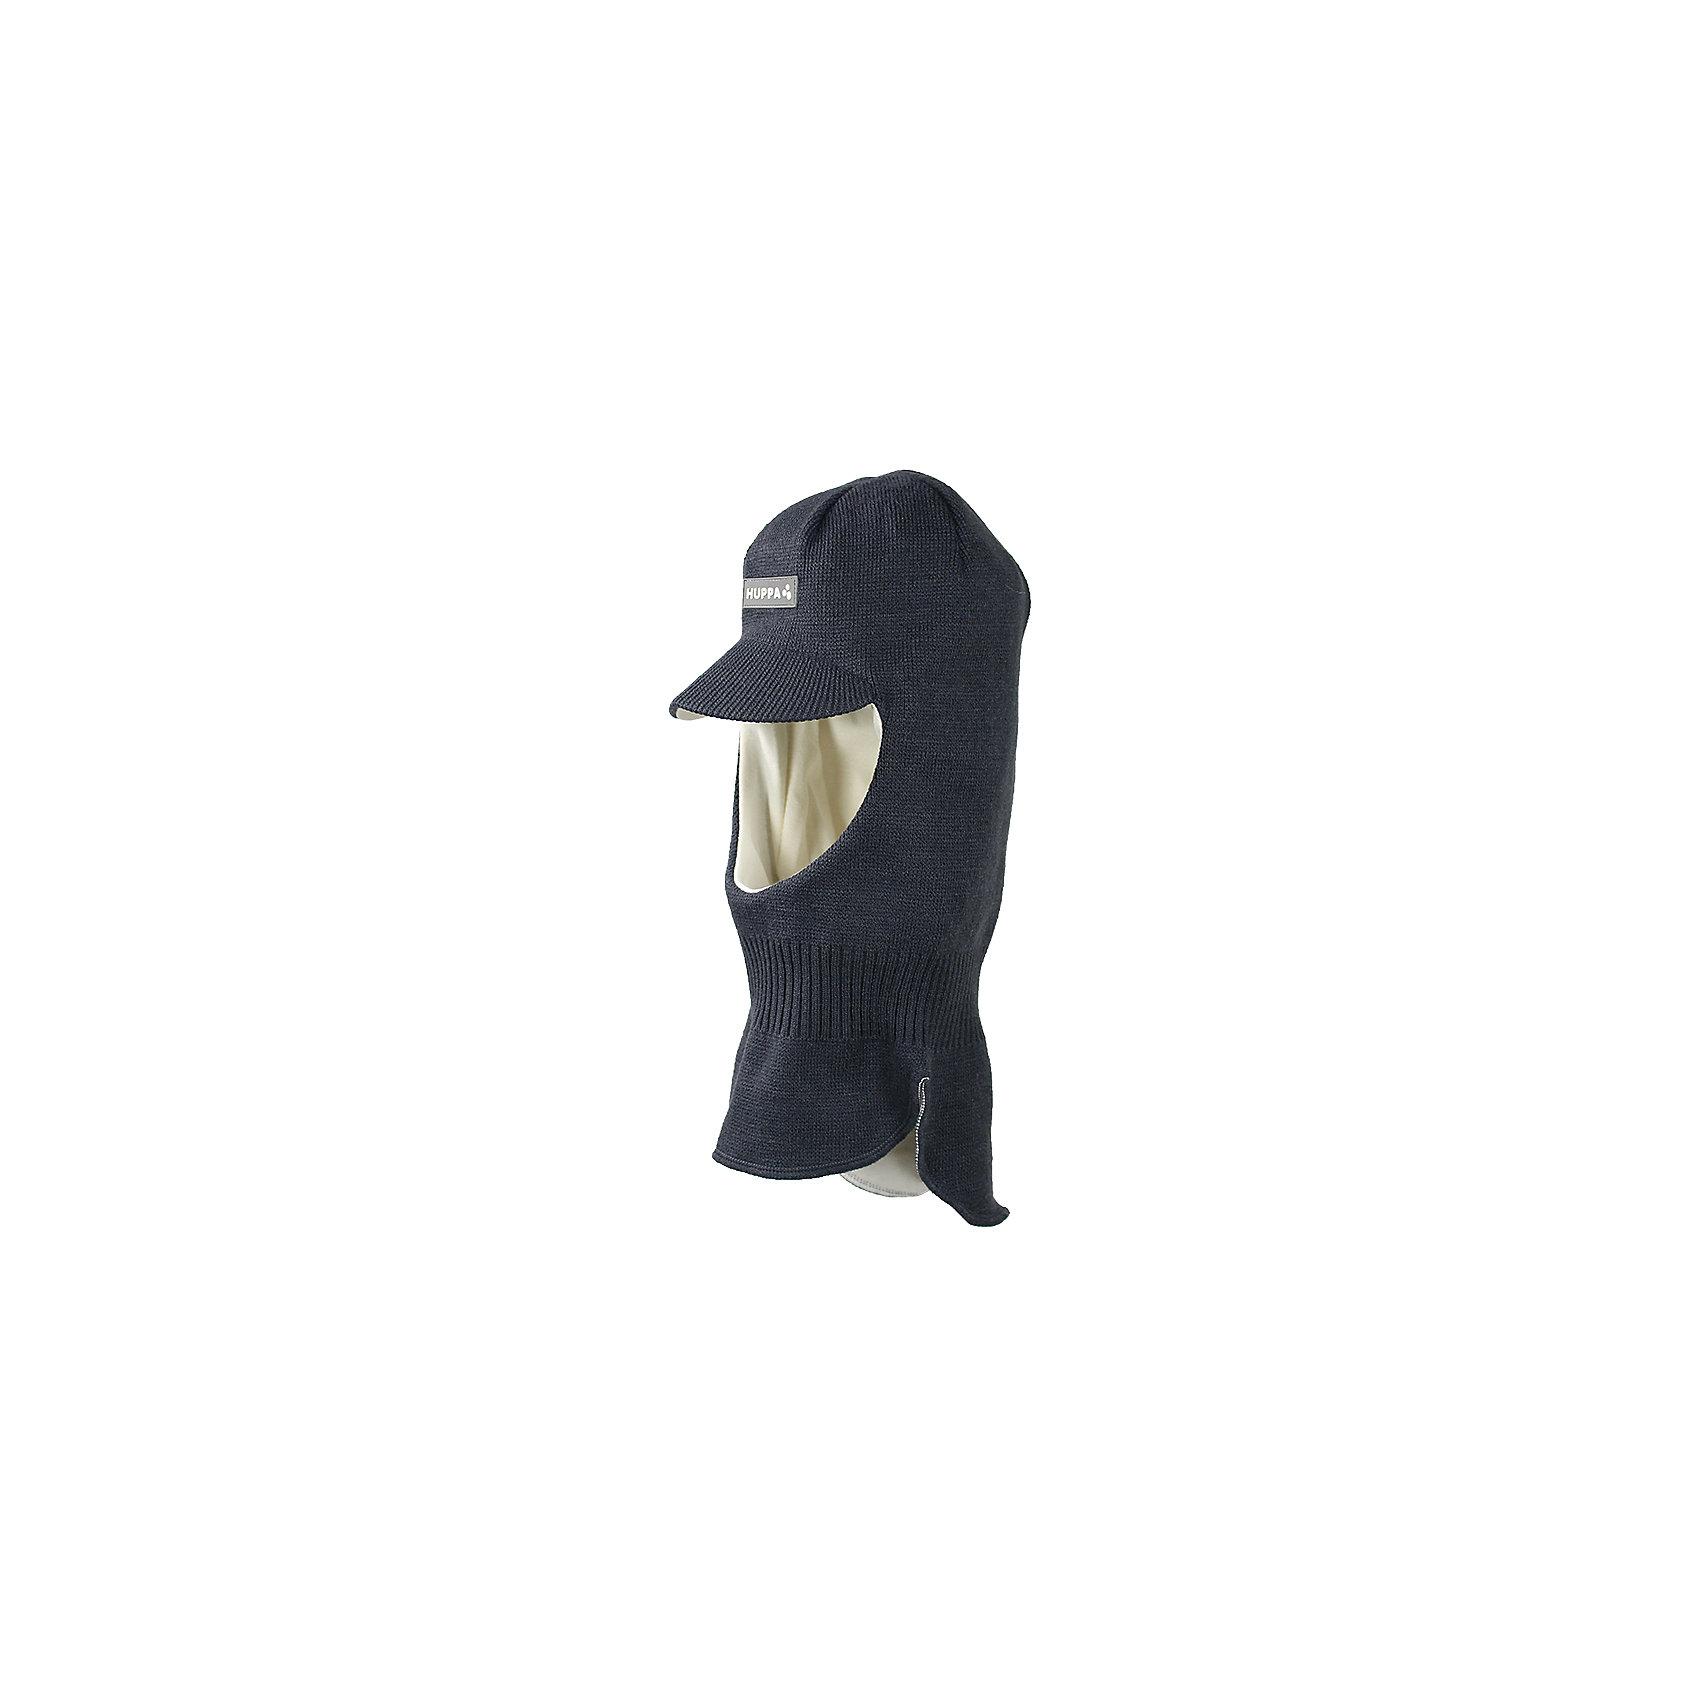 Шапка-шлем Huppa SindreГоловные уборы<br>Характеристики товара:<br><br>• модель: Sindre;<br>• цвет: серый;<br>• состав: 100% акрил;<br>• подкладка: 100% хлопок;<br>• сезон: зима;<br>• температурный режим: от +5 до - 30С;<br>• защитный козырек;<br>• особенности: вязаная, шапка с козырьком;<br>• страна бренда: Финляндия;<br>• страна изготовитель: Эстония.<br><br>Шапка-шлем Хуппа с защитным козырьком. Подкладка выполнена из хлопкового трикотажа, наружная ткань - это 100% акриловой пряжи. Шапка-шлем идеальна для ношения в зимние холода, потому что защищает шею и уши ребенка от холодного ветра.<br><br>Шапку-шлем Huppa Sindre (Хуппа) можно купить в нашем интернет-магазине.<br><br>Ширина мм: 89<br>Глубина мм: 117<br>Высота мм: 44<br>Вес г: 155<br>Цвет: серый<br>Возраст от месяцев: 12<br>Возраст до месяцев: 24<br>Пол: Унисекс<br>Возраст: Детский<br>Размер: 47-49,55-57,51-53<br>SKU: 7029405